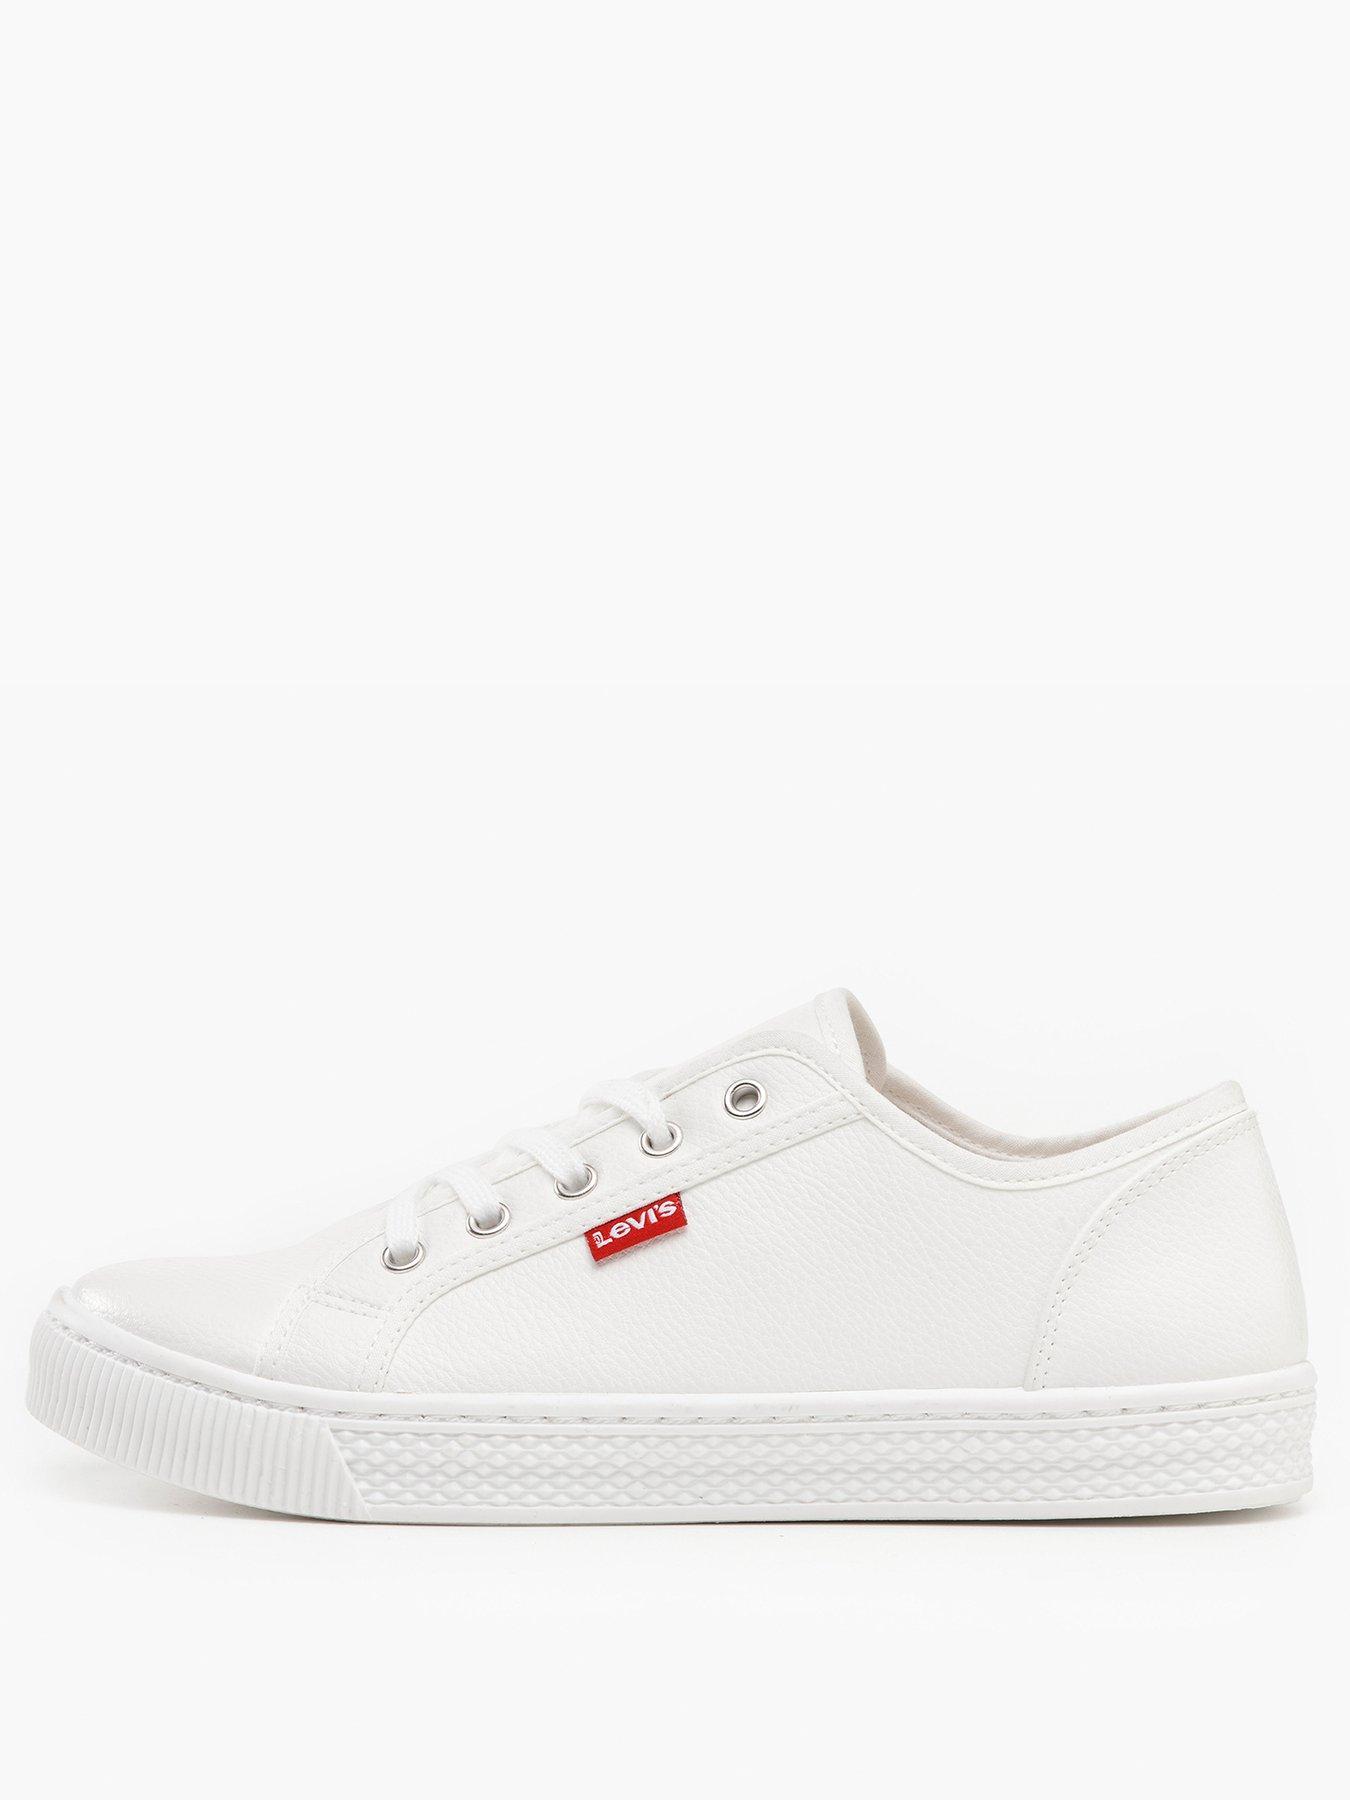 Levi's | Flats | Shoes \u0026 boots | Women